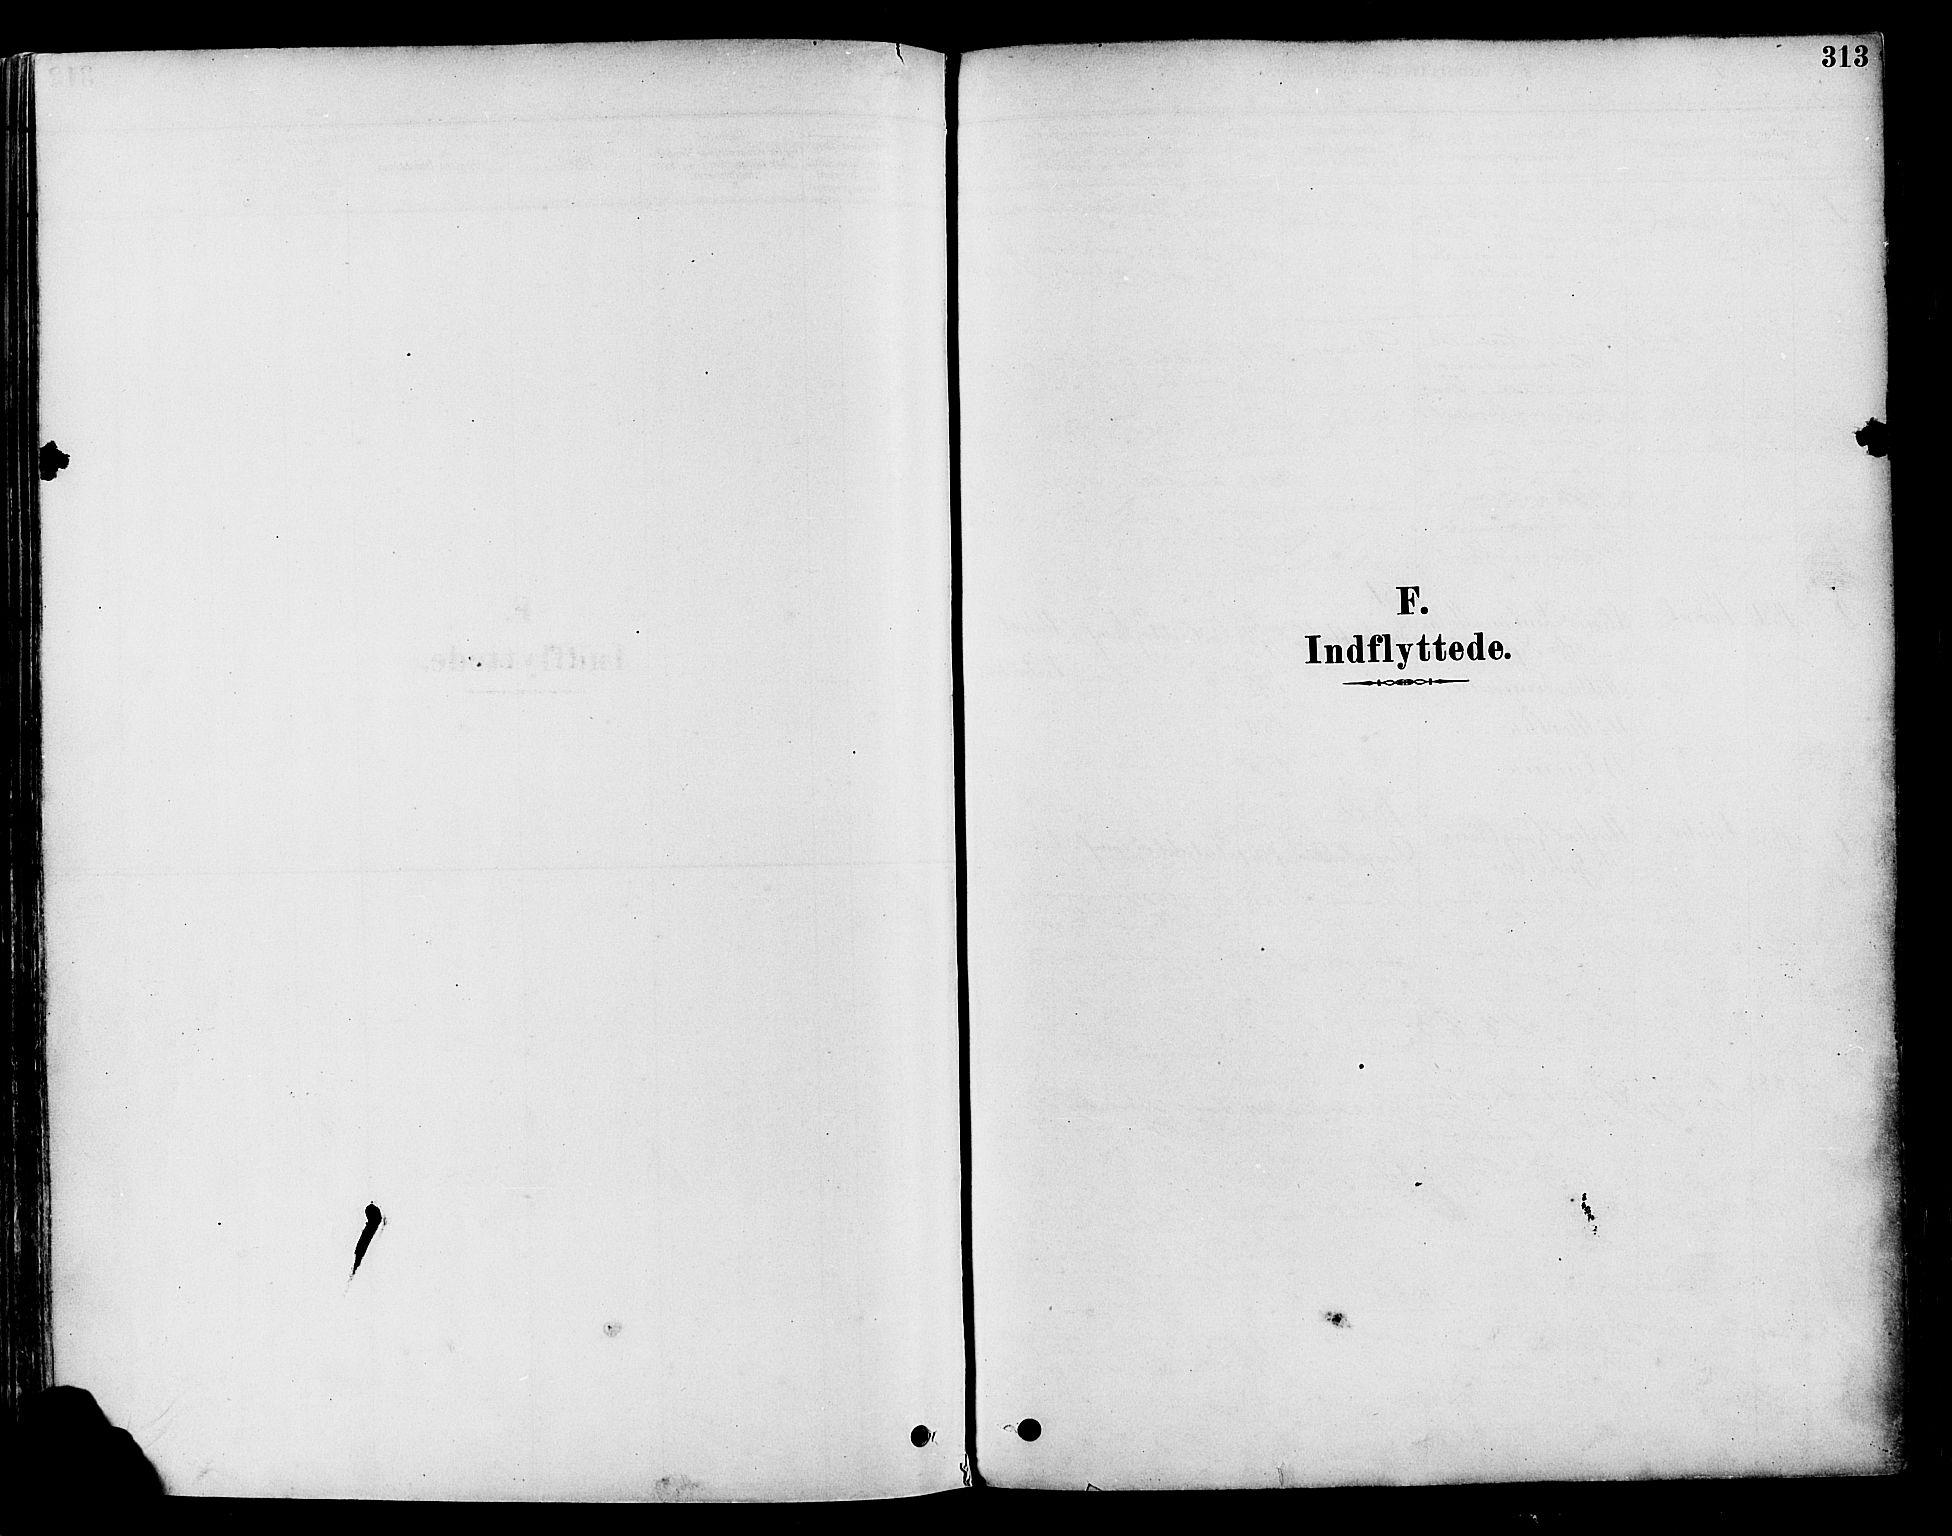 SAH, Vestre Toten prestekontor, Ministerialbok nr. 9, 1878-1894, s. 313